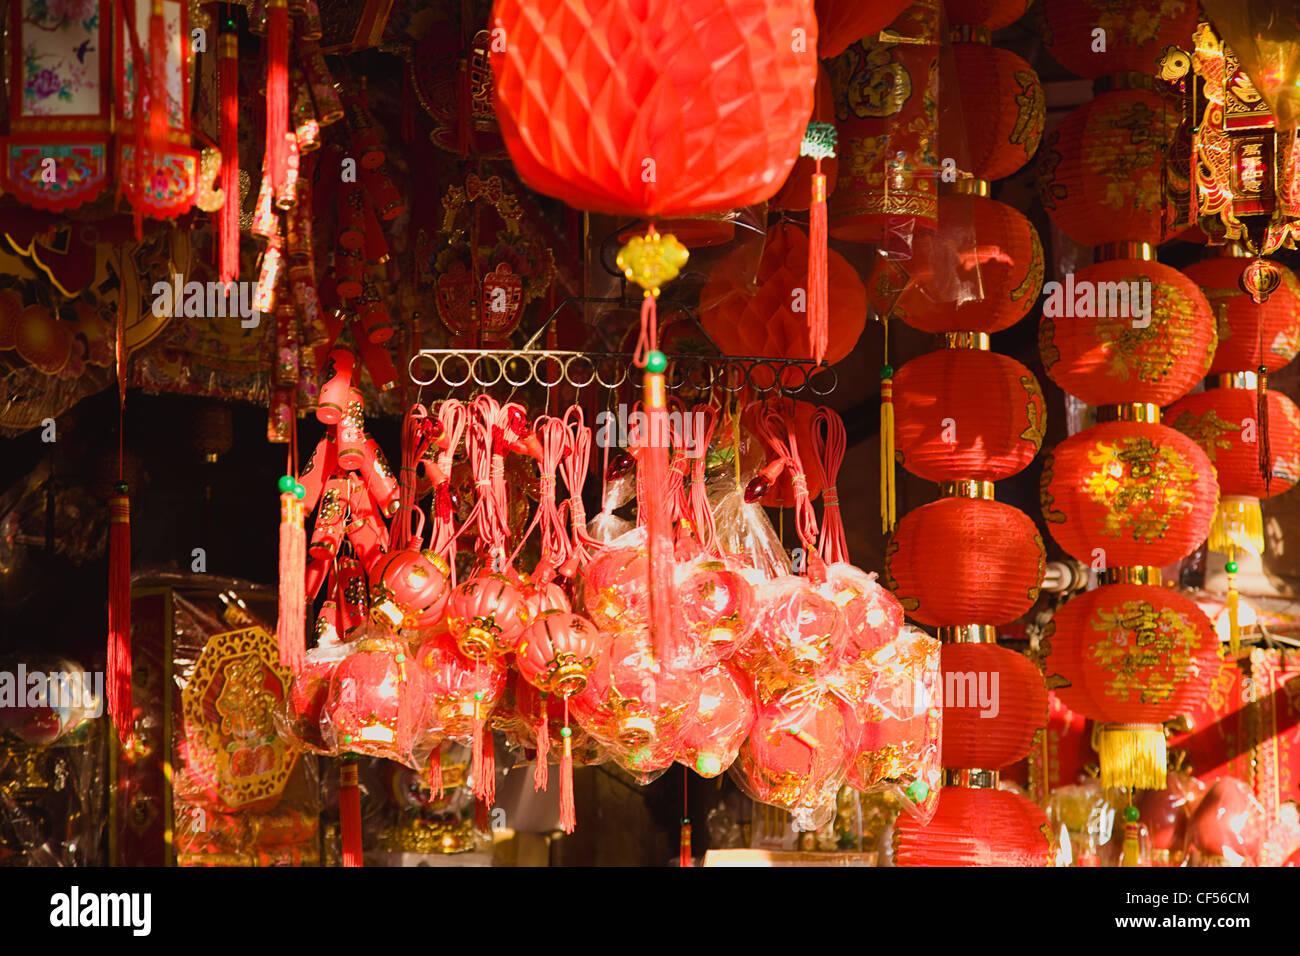 Decorazioni Con Lanterne Cinesi : Lanterne rosse e decorazioni per il nuovo anno cinese thailandia